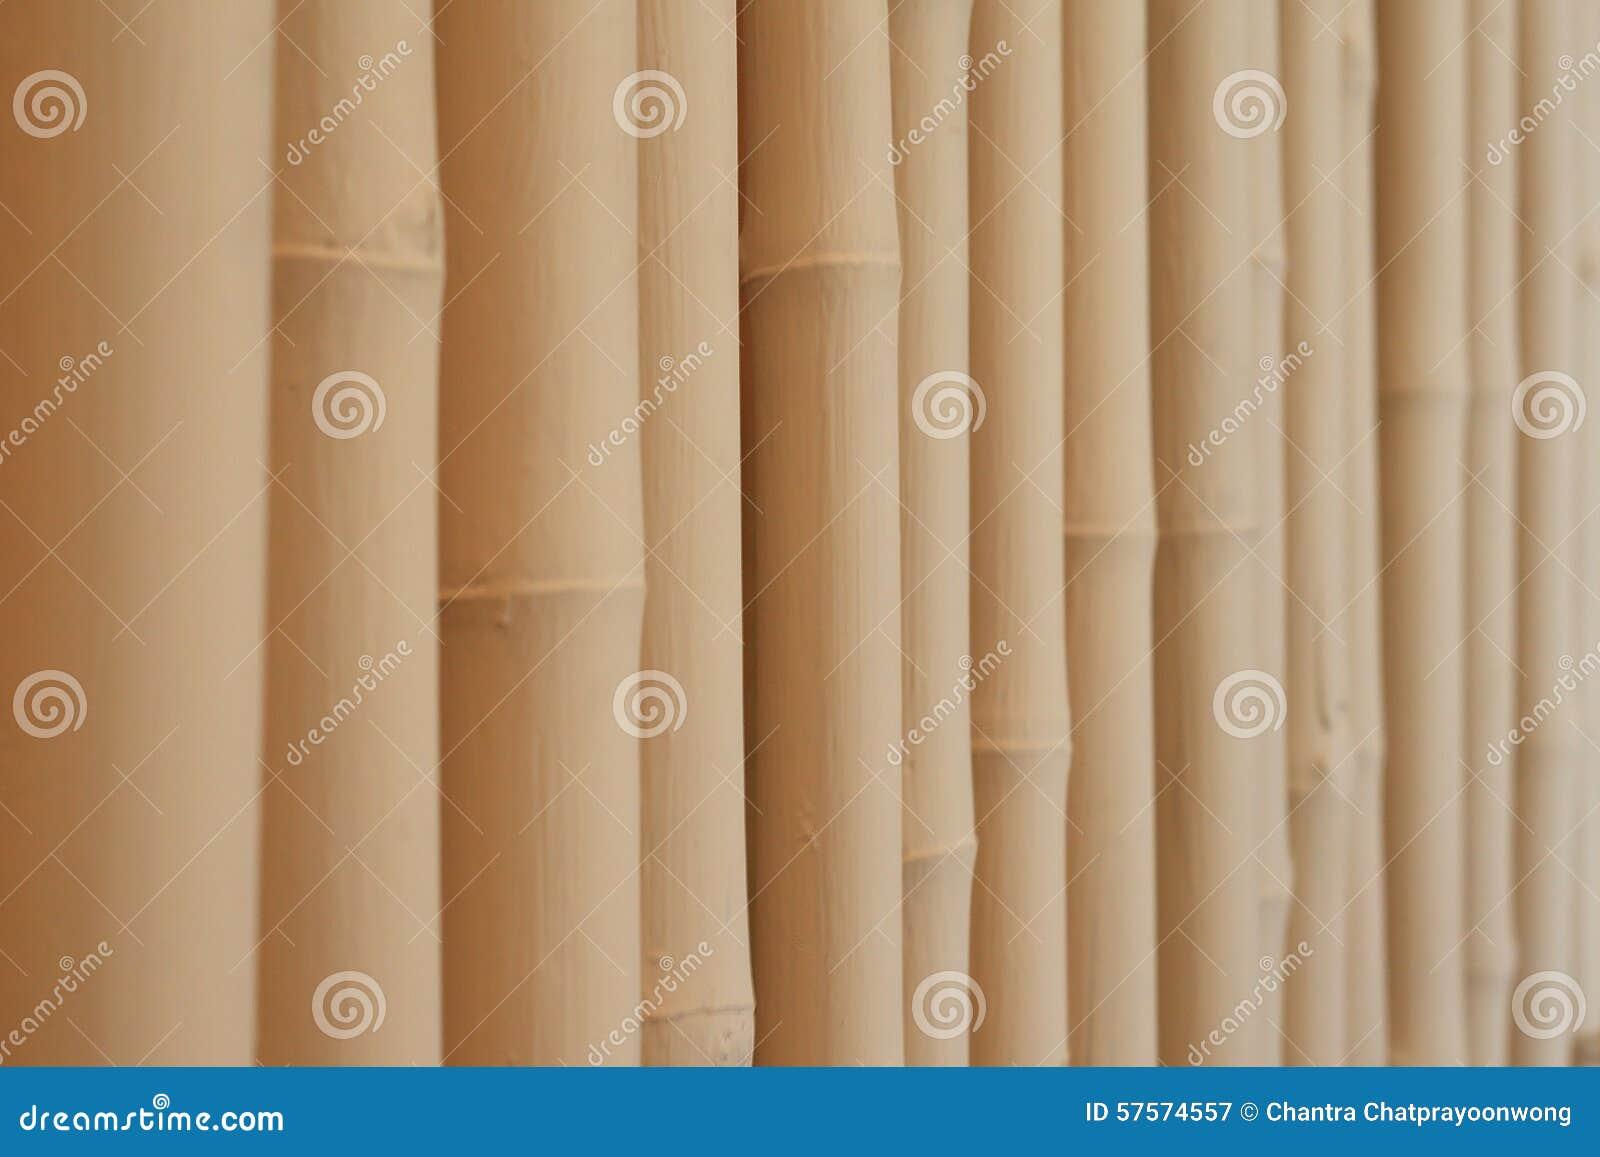 Biali bambusów rozdziały